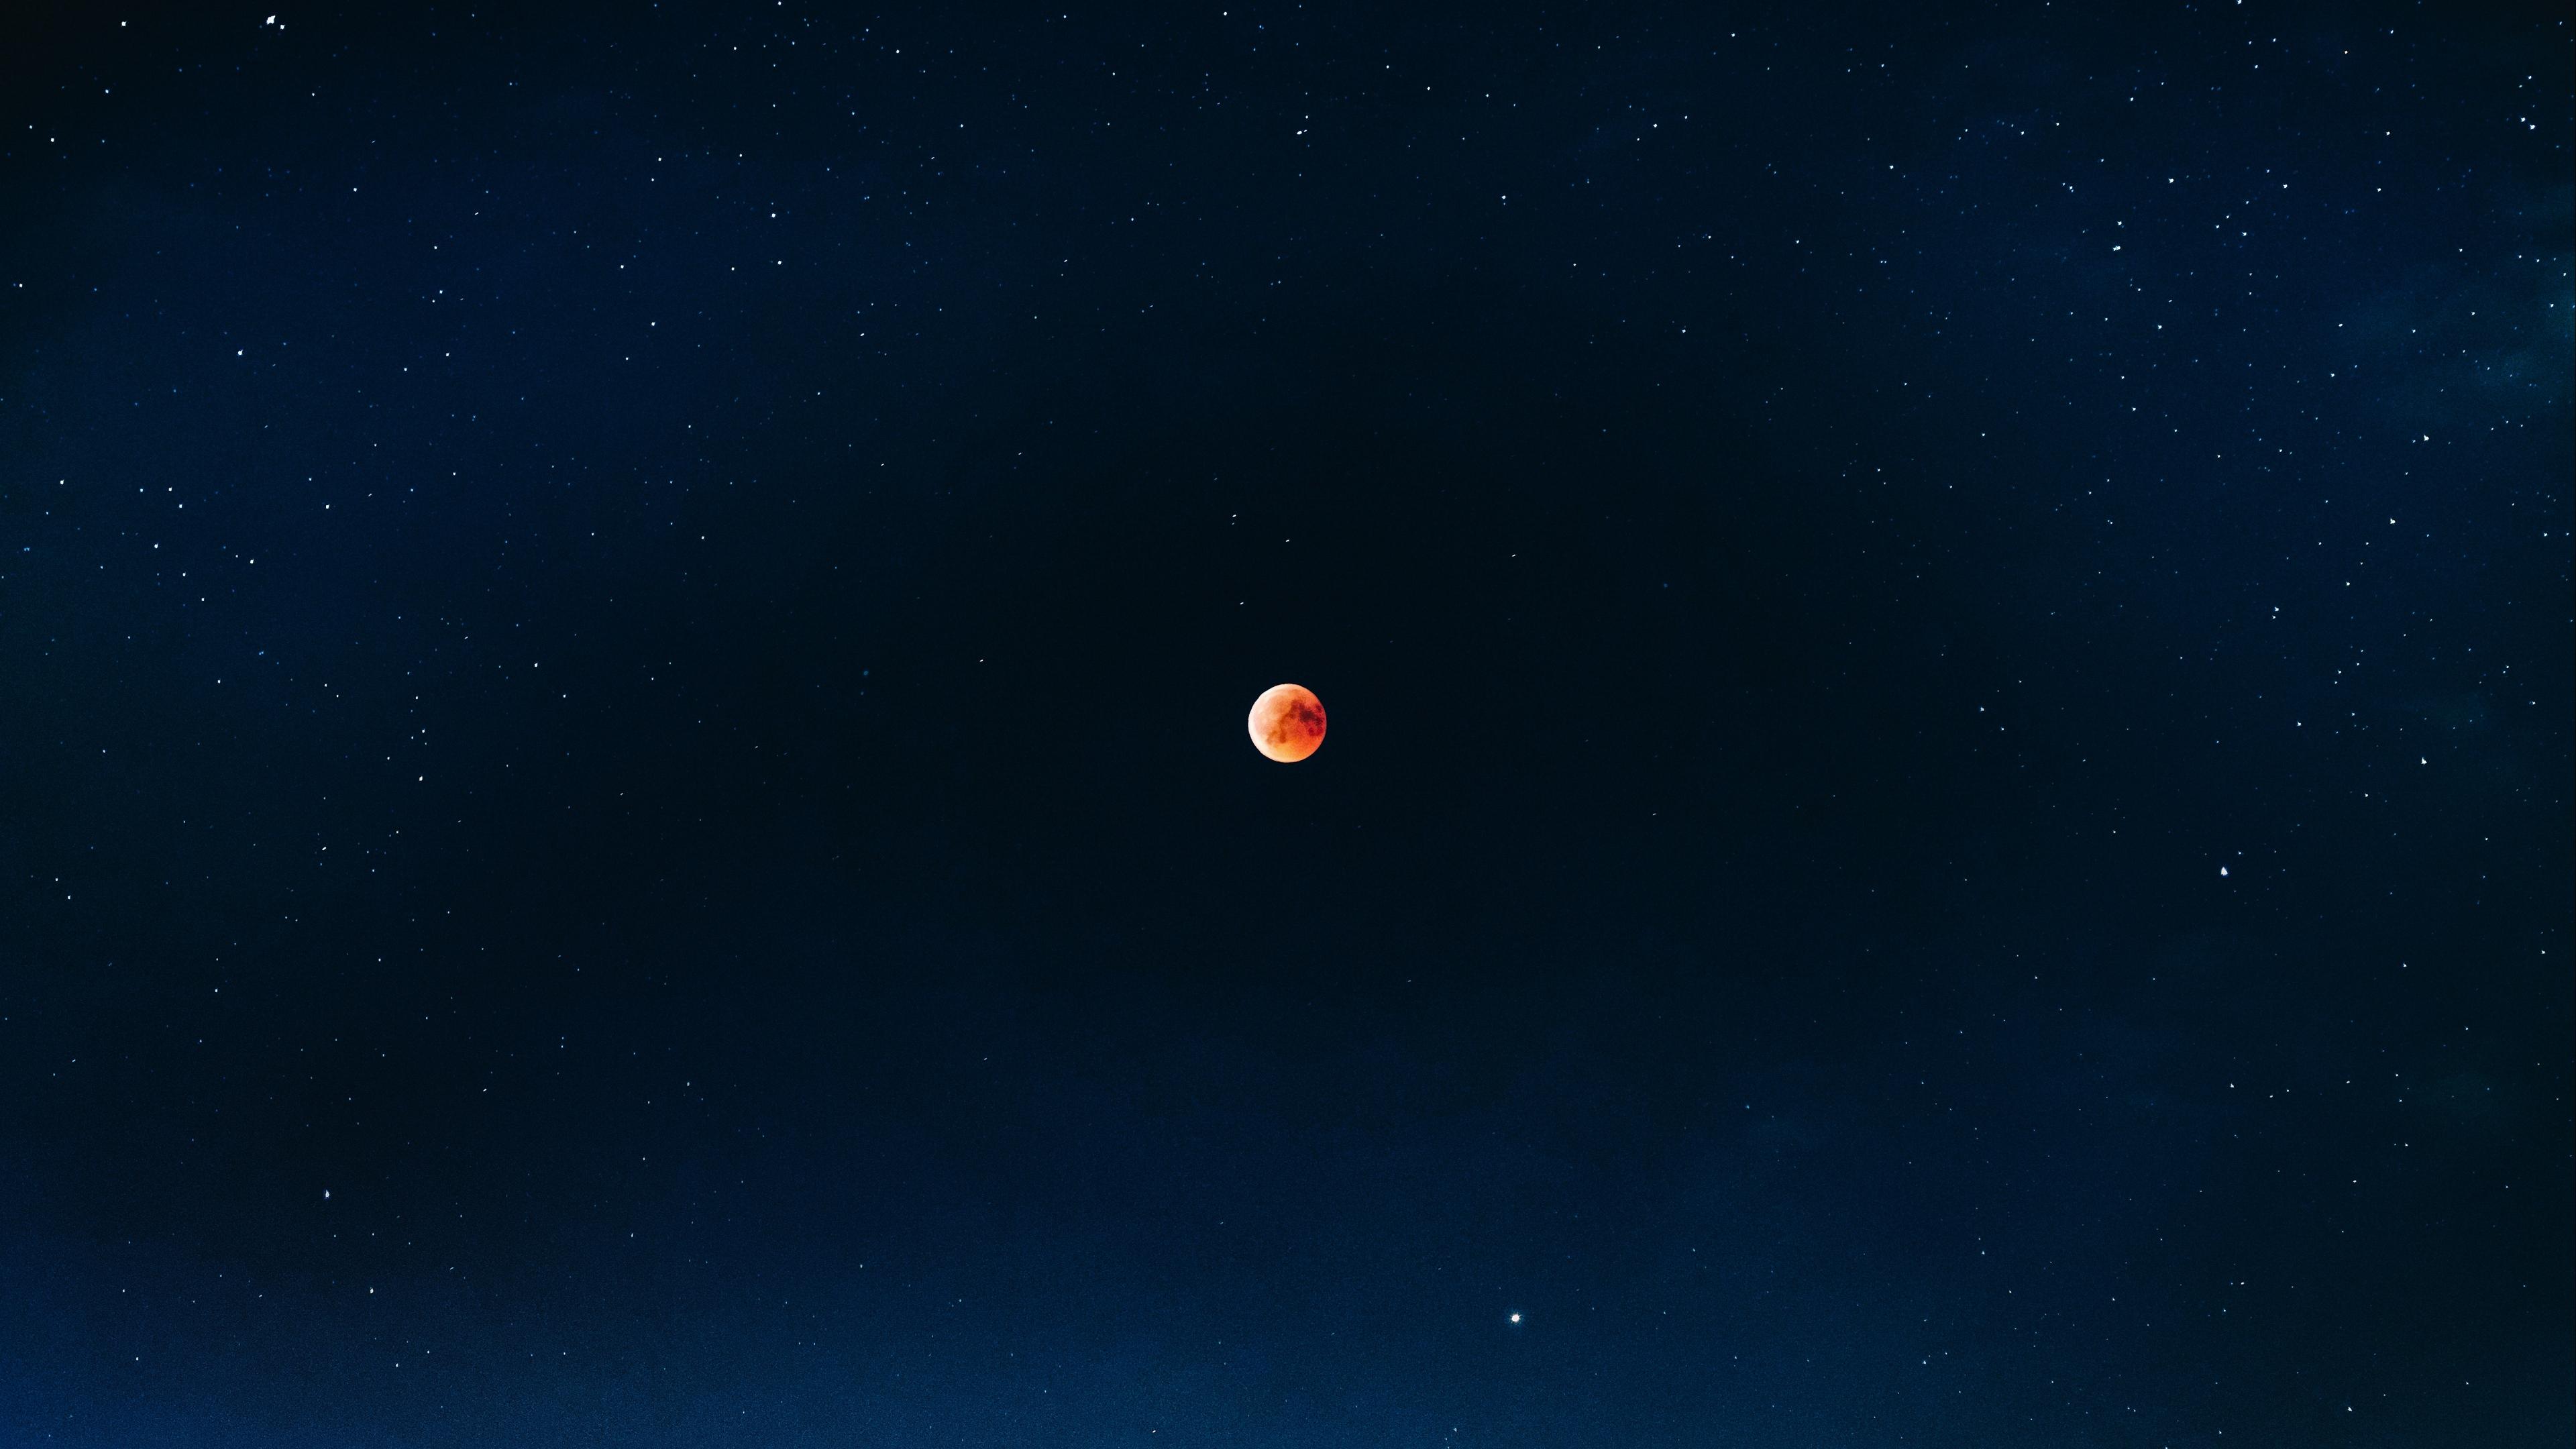 full moon red moon eclipse fiery moon 4k 1536013907 - full moon, red moon, eclipse, fiery moon 4k - red moon, full moon, Eclipse